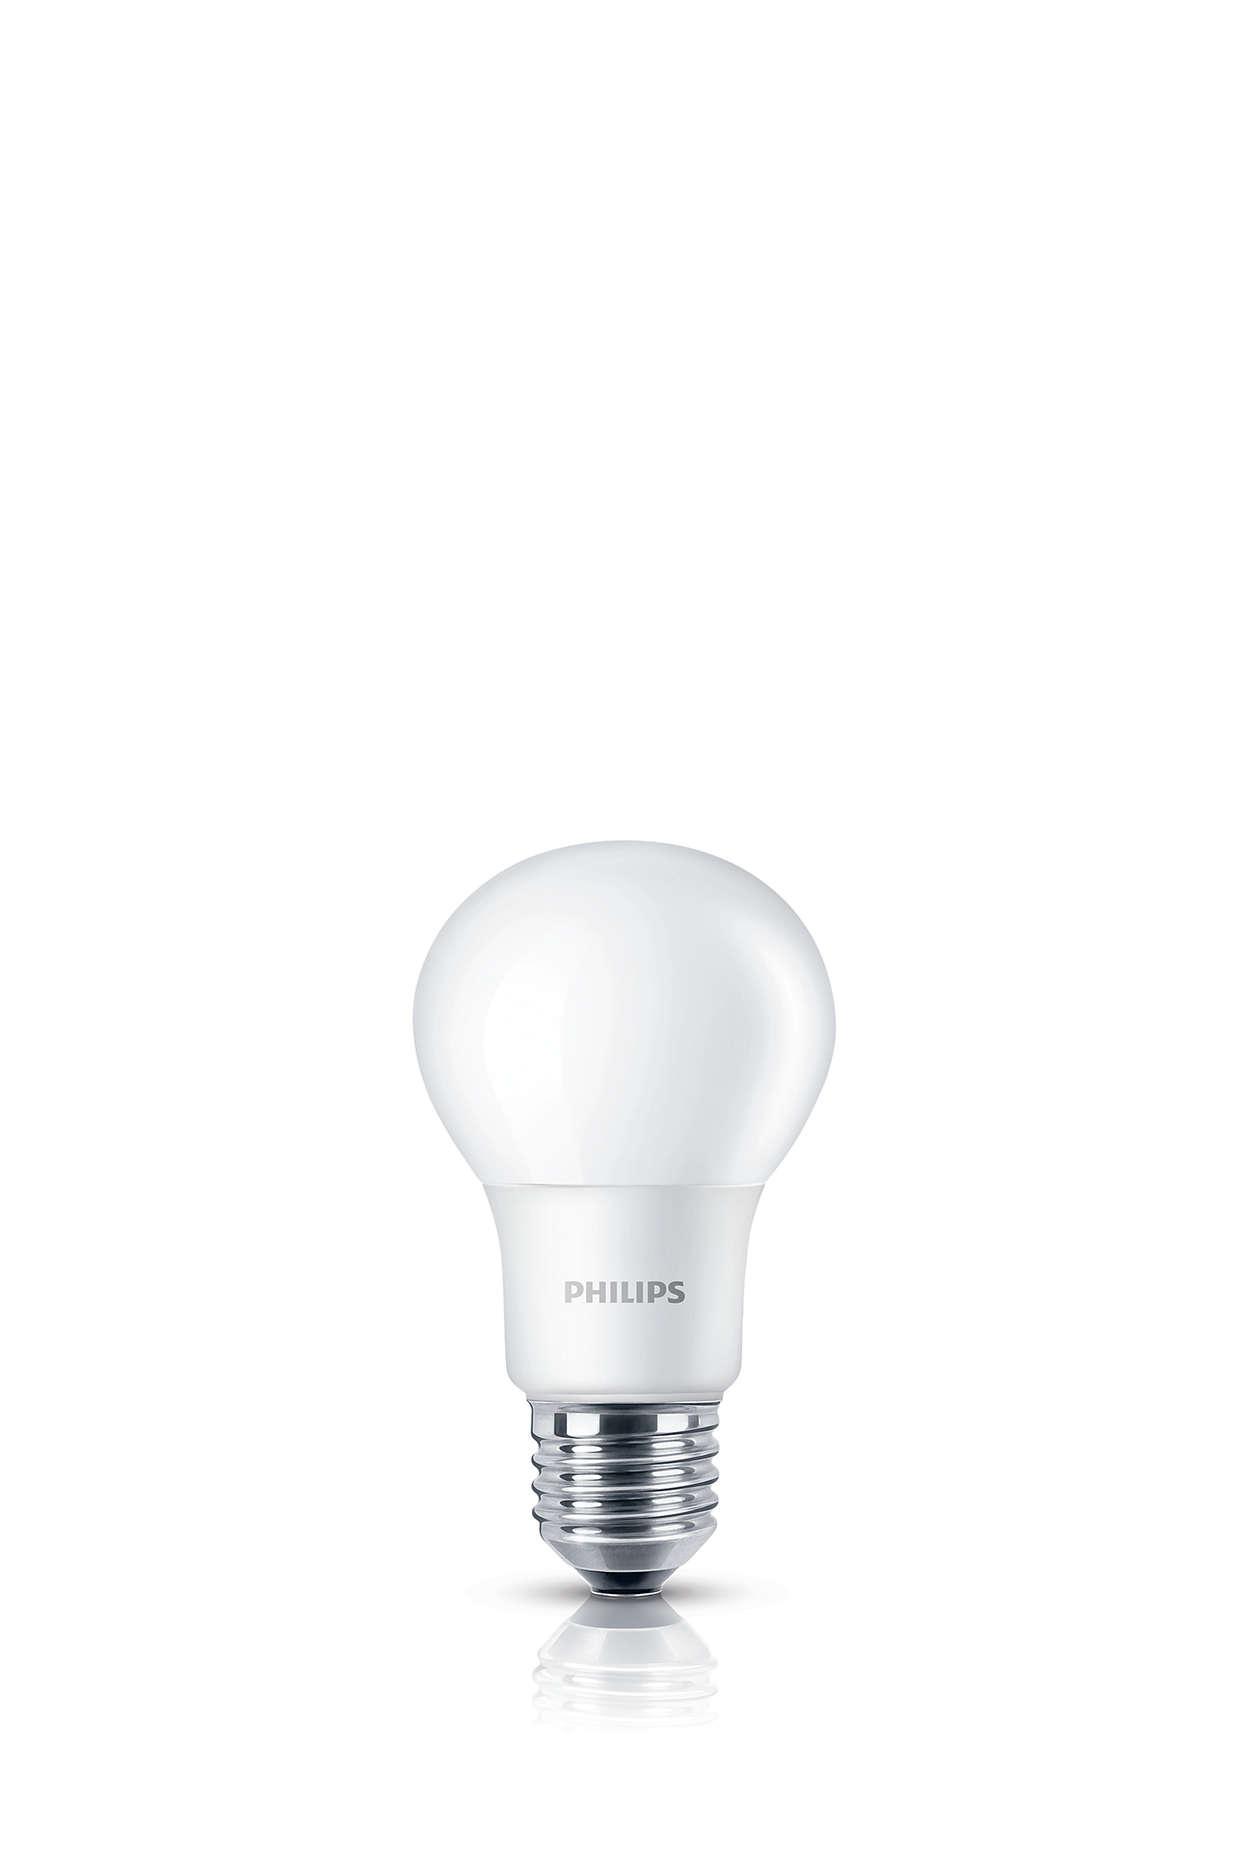 Køligt, hvidt lys, uden at gå på kompromis med lyskvaliteten